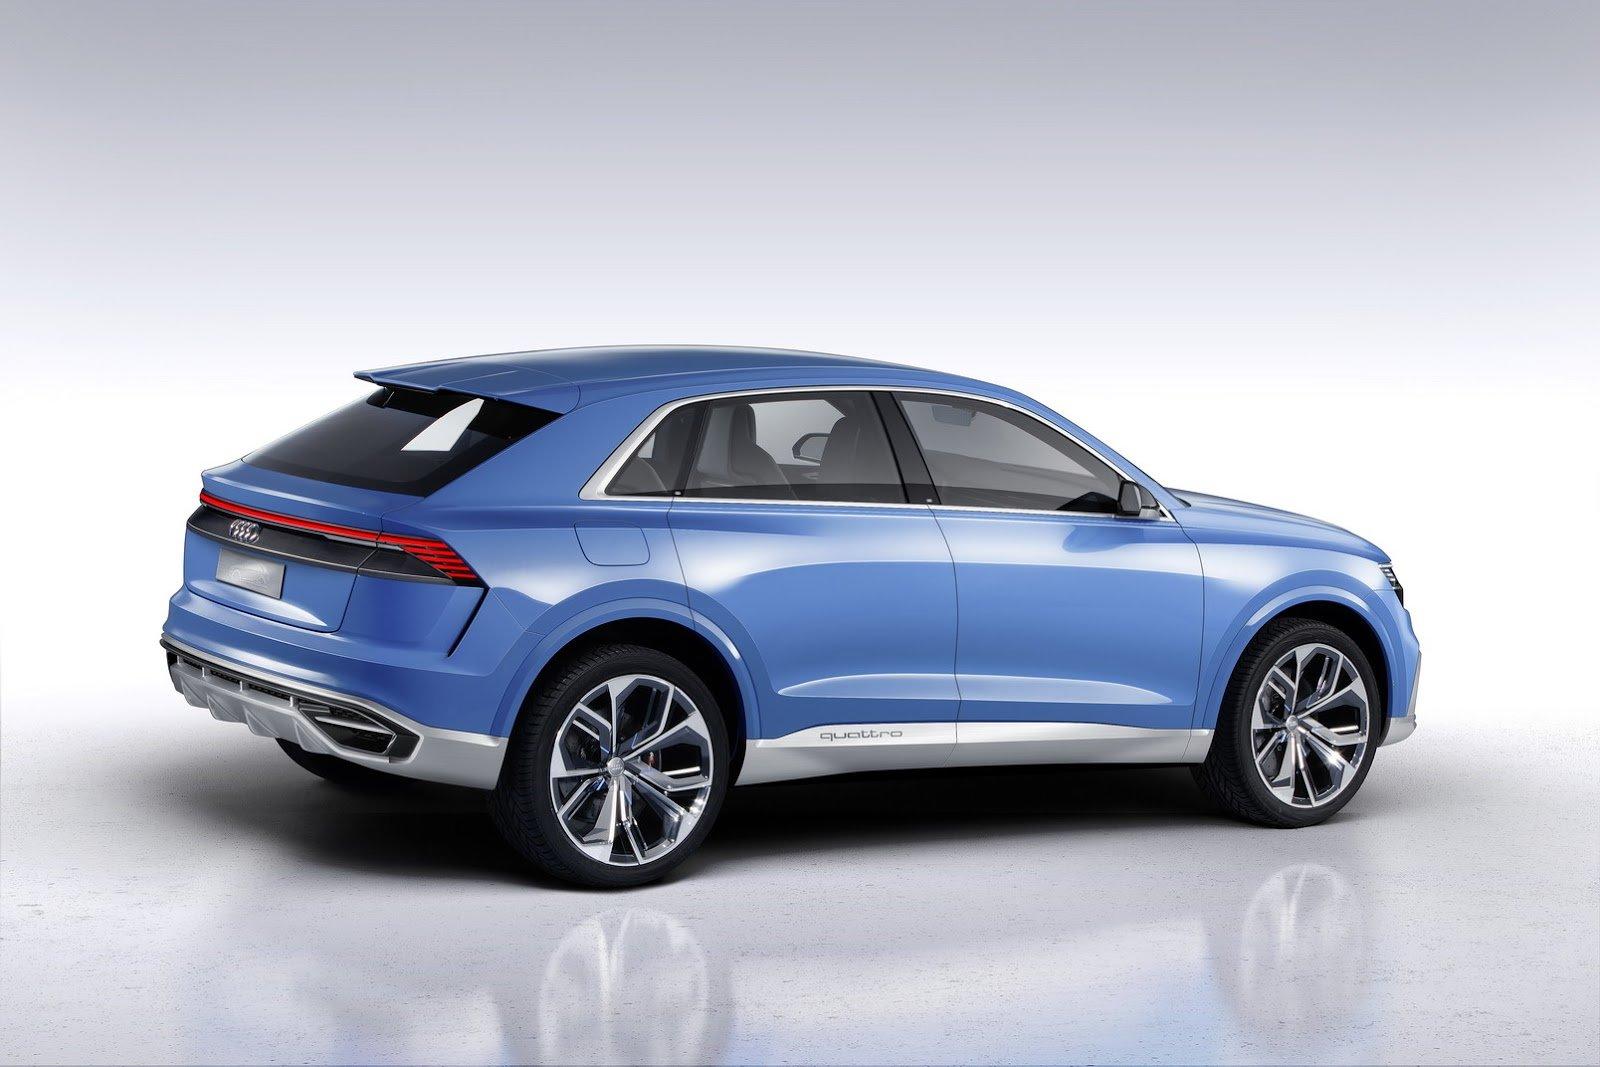 Audi Q8 se představuje nejprve jako koncept, realitou se ale stane již brzy.